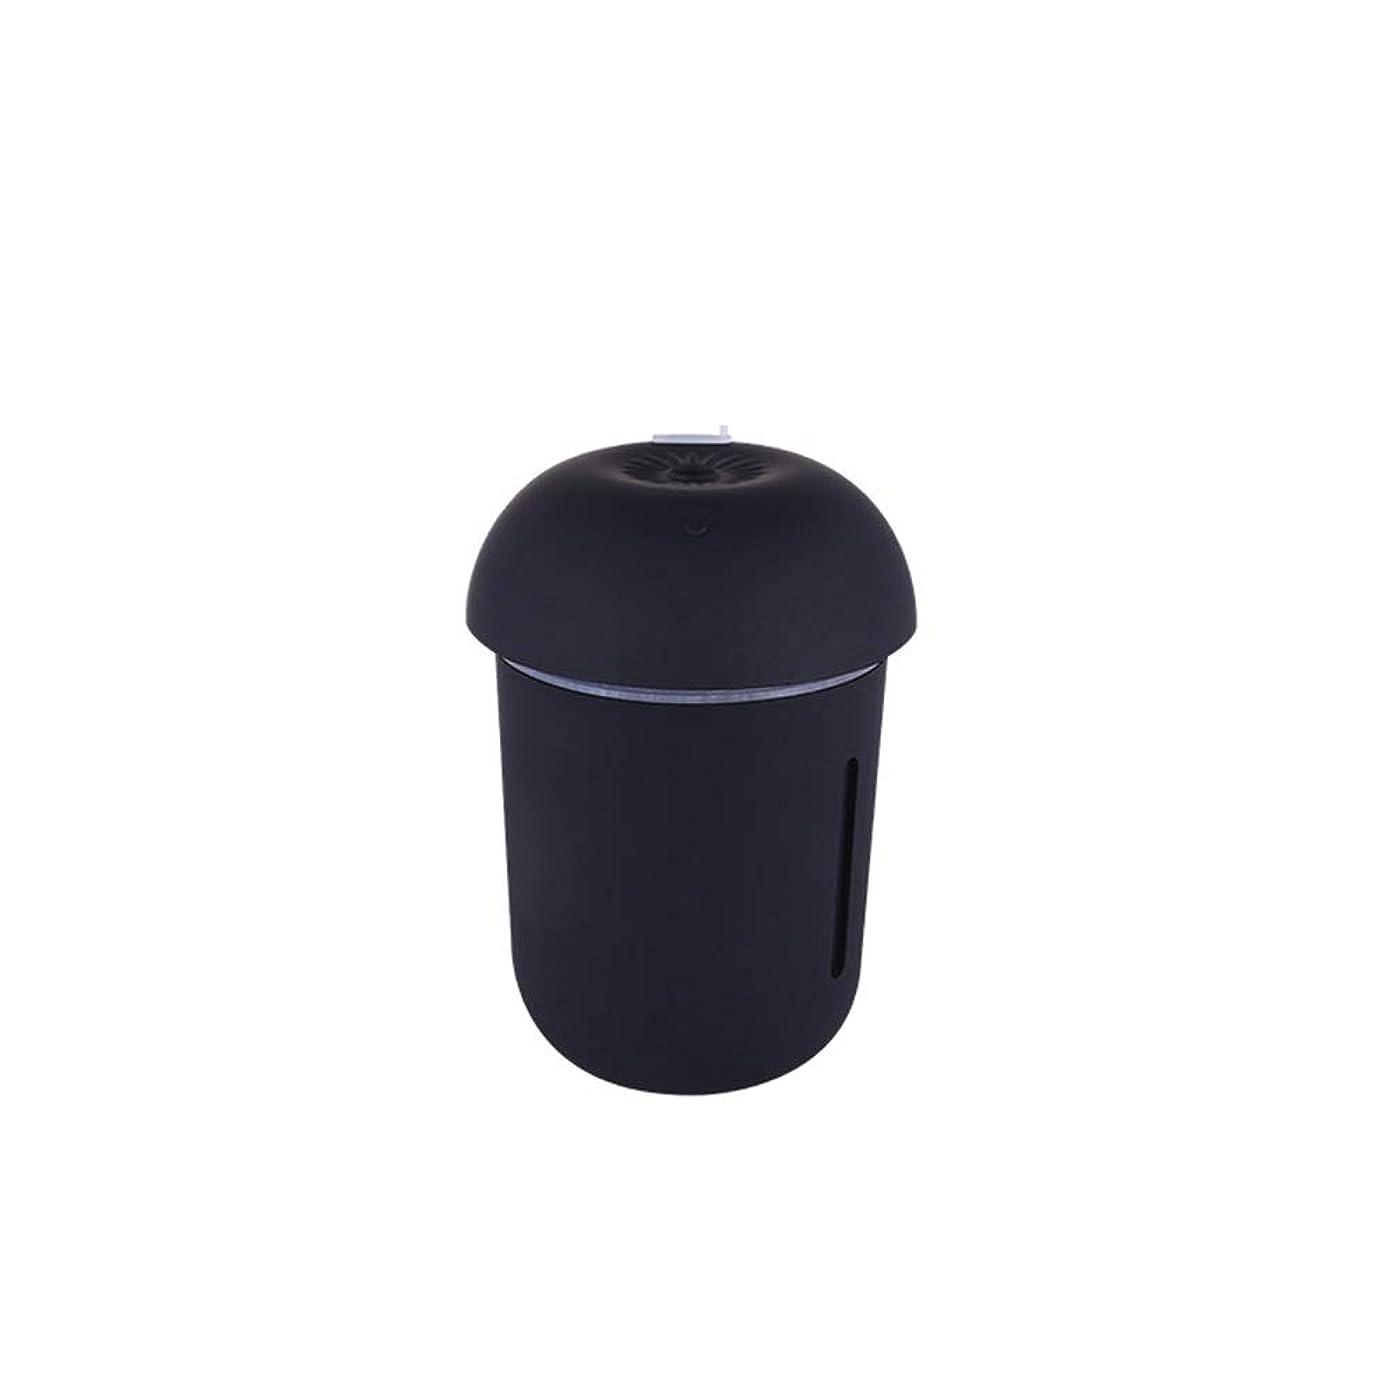 超音速基準著名なZXF クリエイティブ多機能水道メーターファンナイトライトスリーインワンきのこ加湿器usb充電車の空気清浄機美容機器 滑らかである (色 : Black)